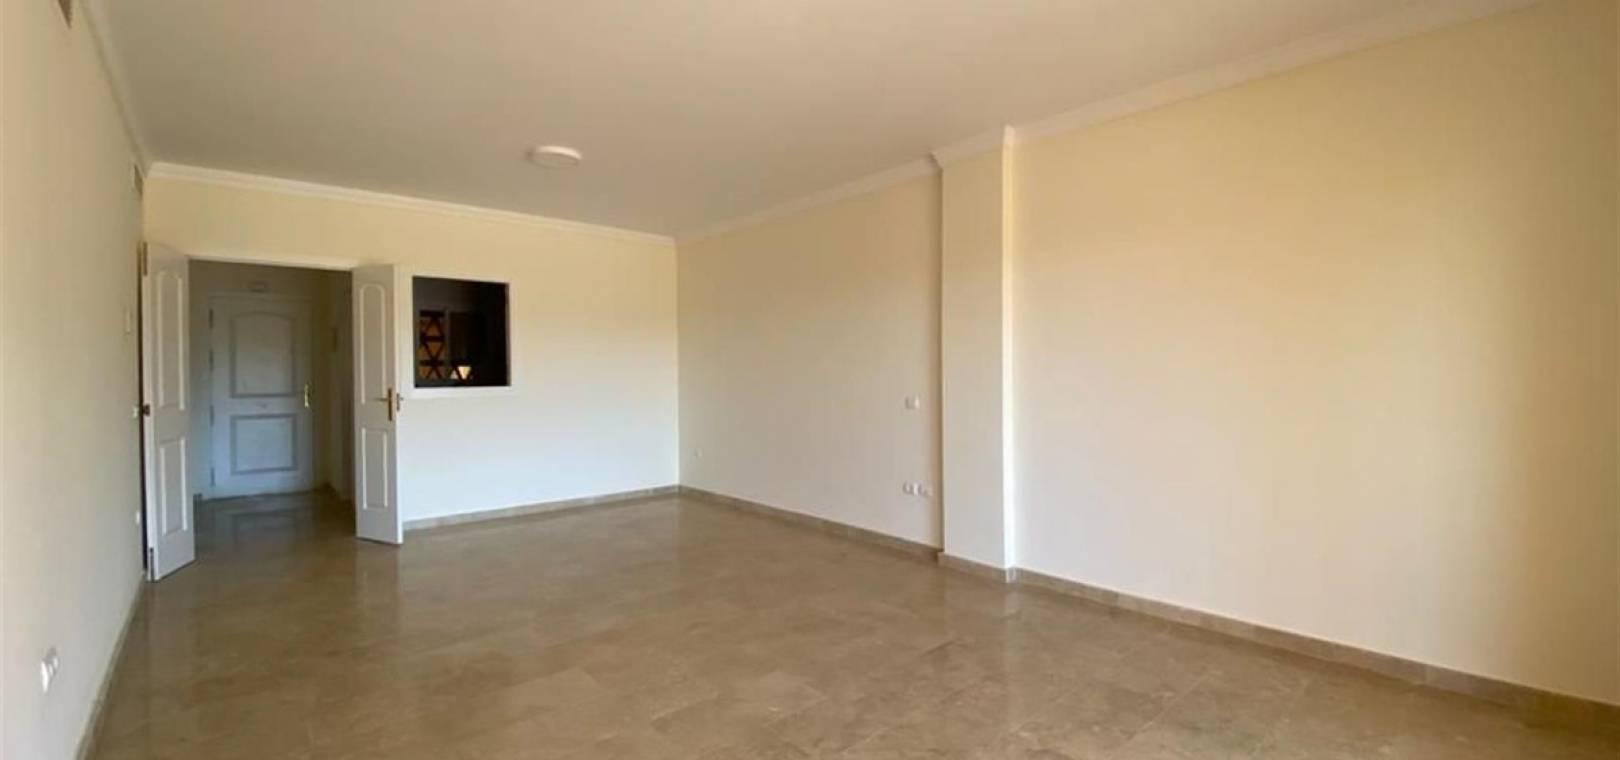 Nouvelle construction - Appartement - Mijas Golf - Mijas